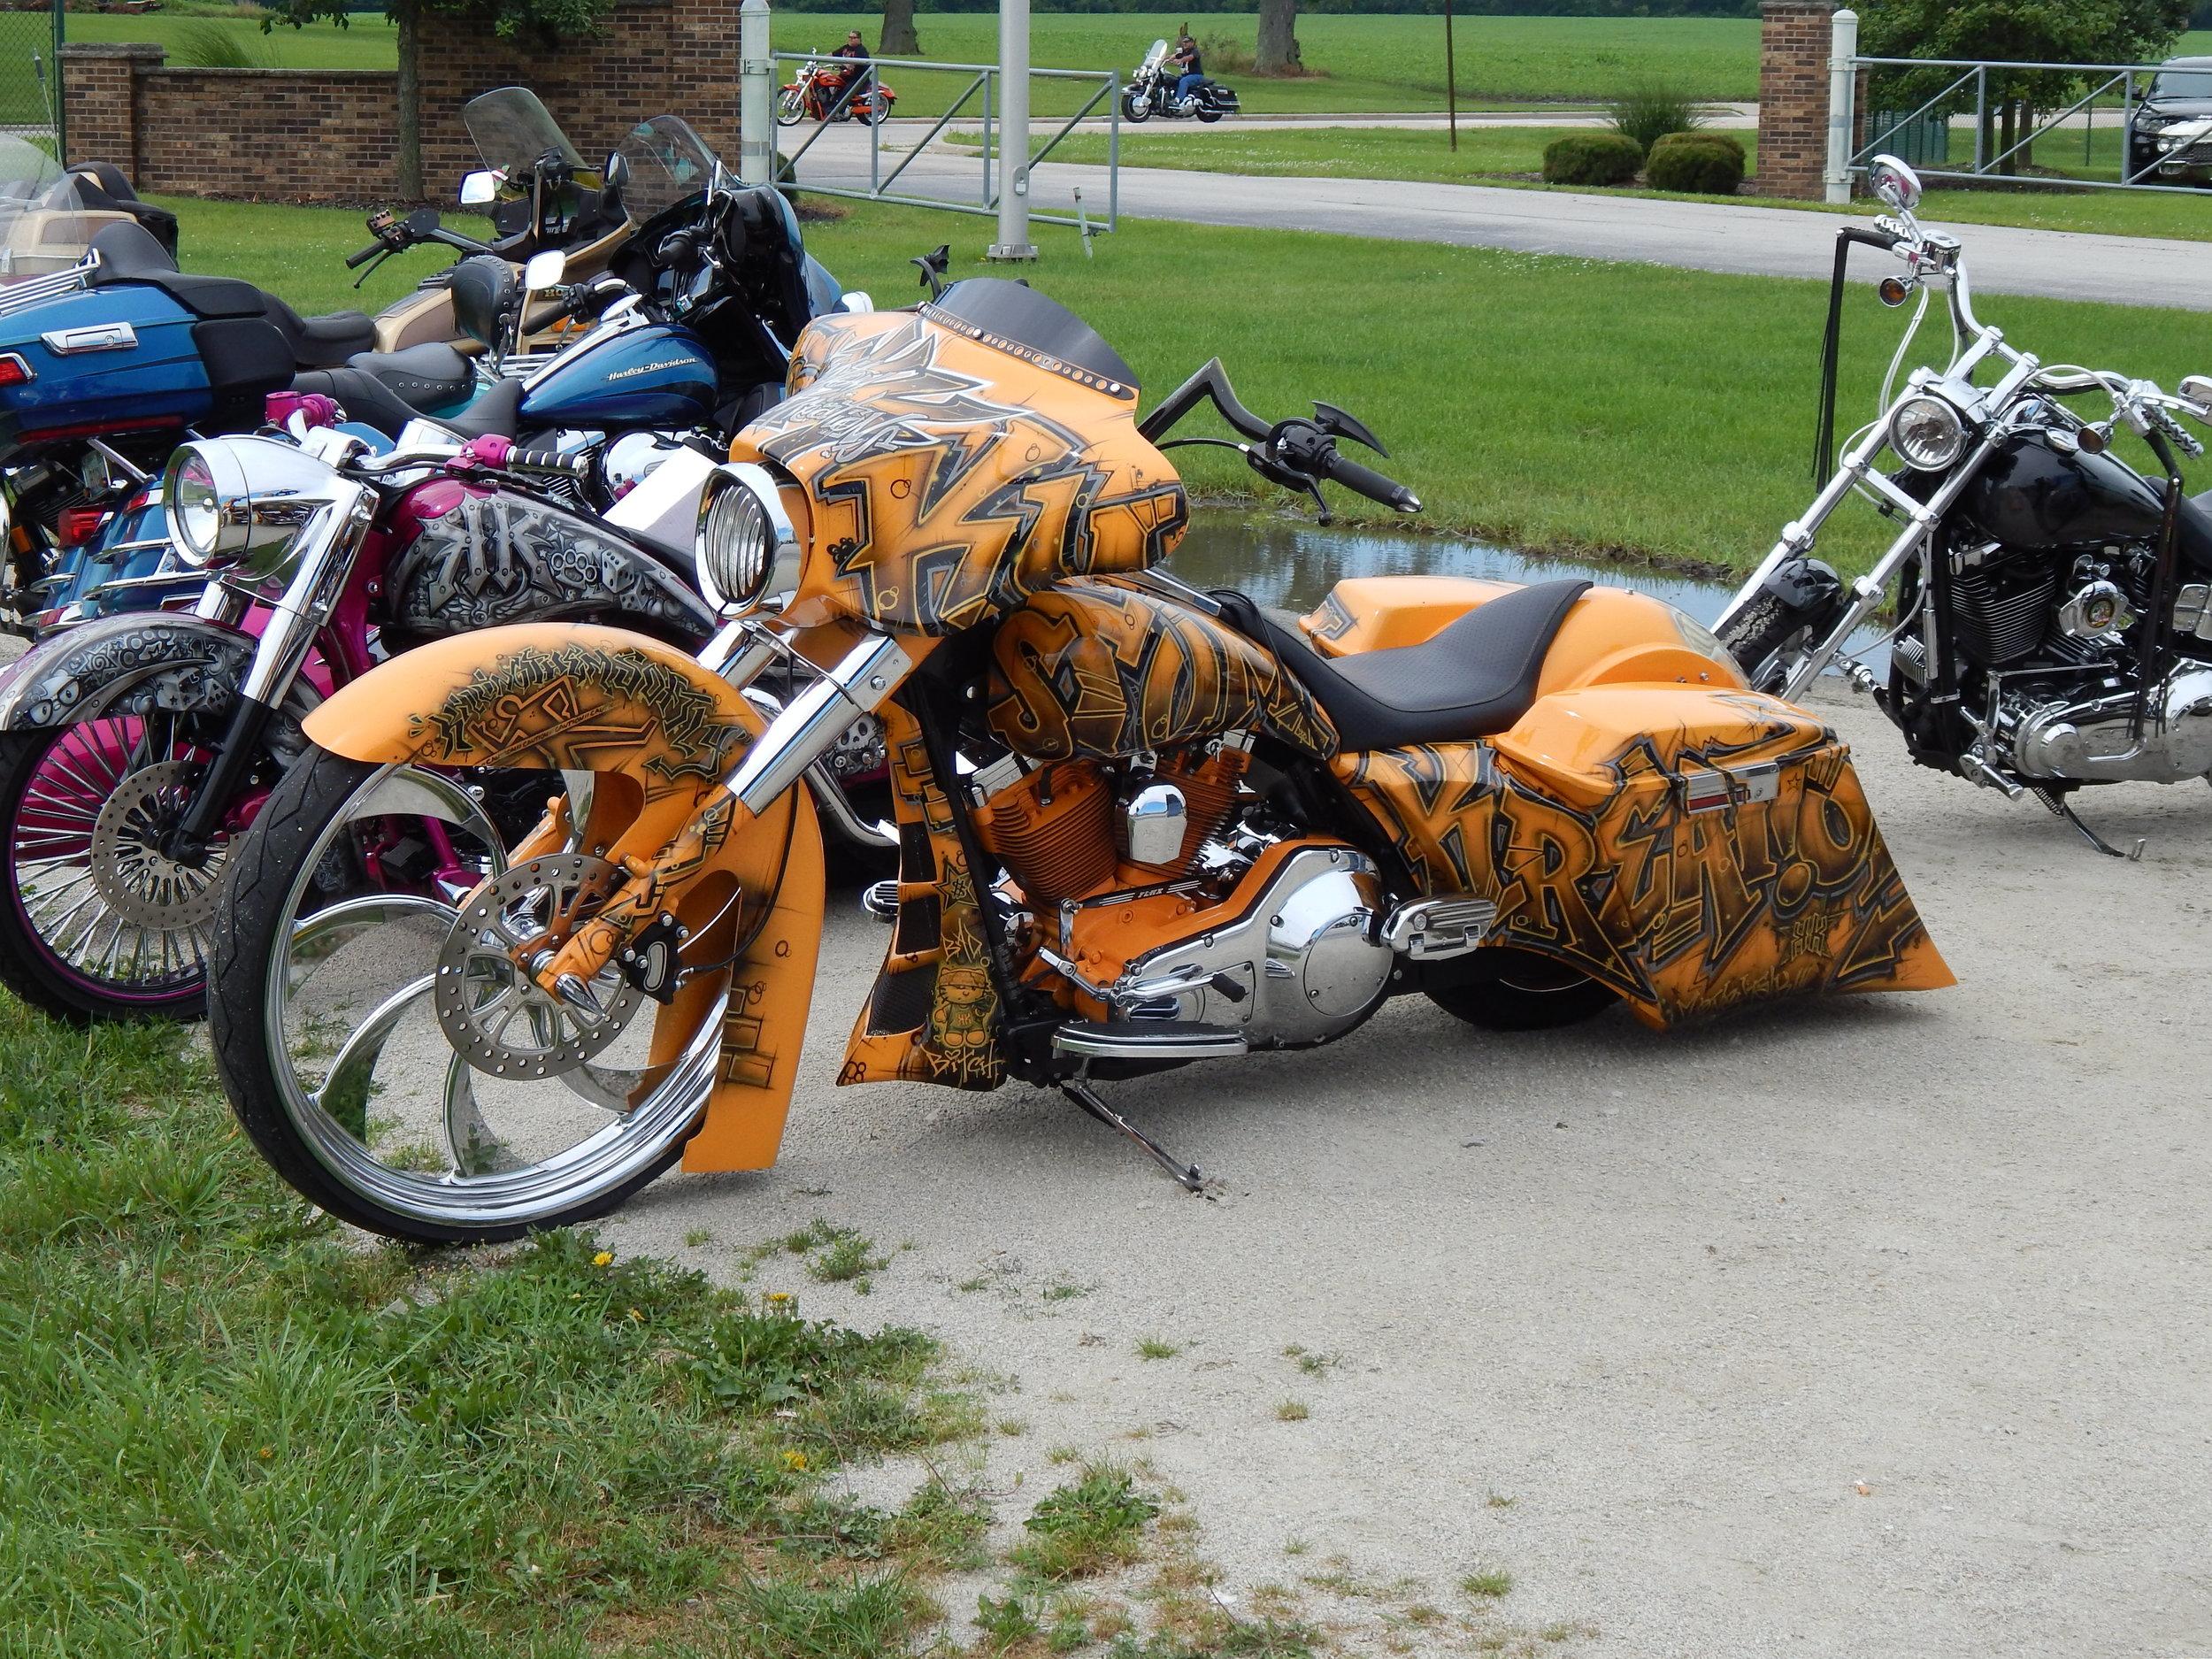 peotone-motorcycle-swap-meet-bagger.jpg